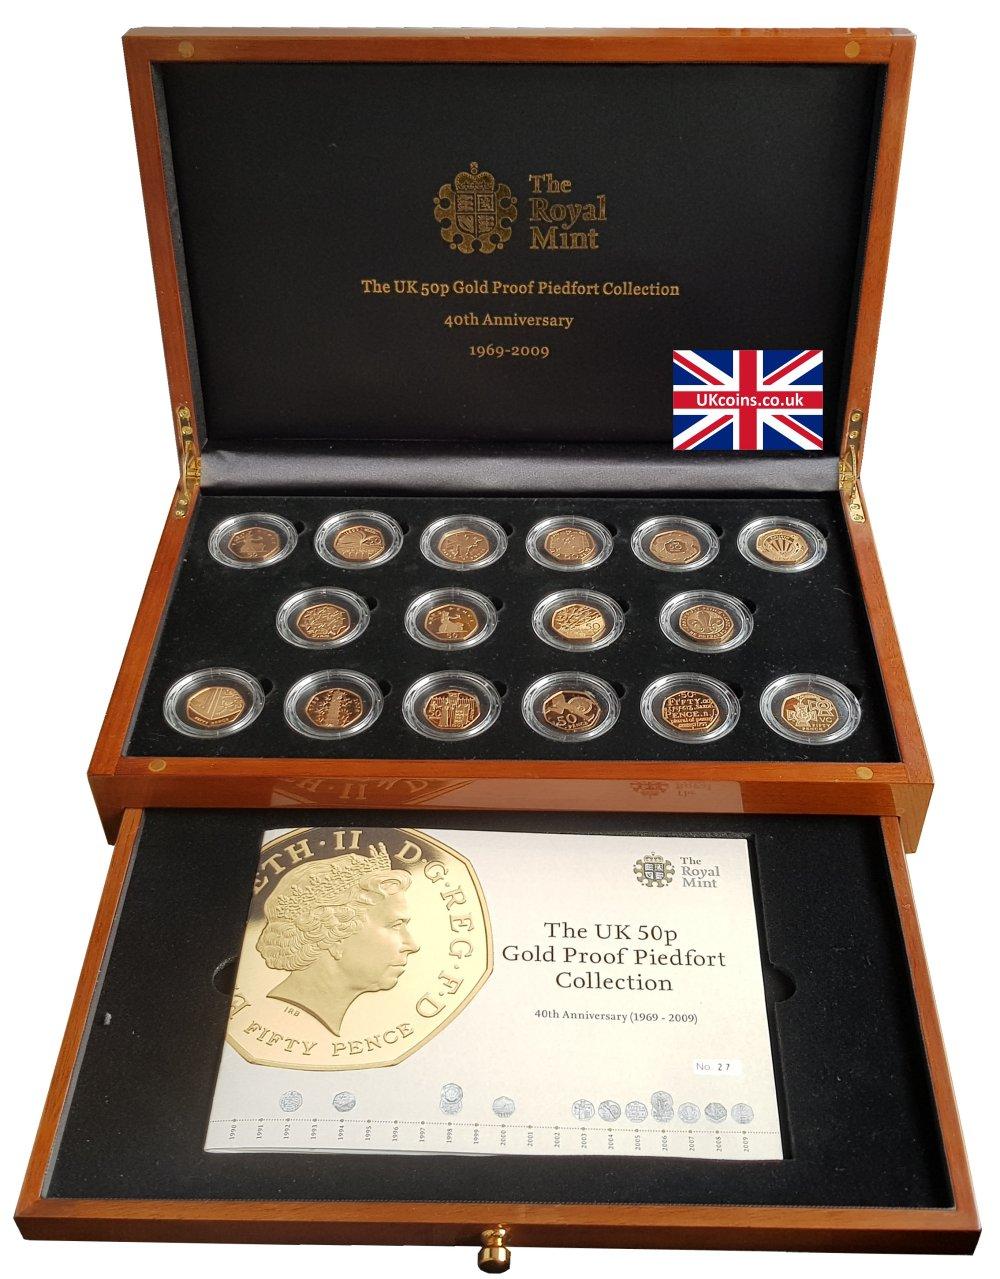 2009 Piedfort coins